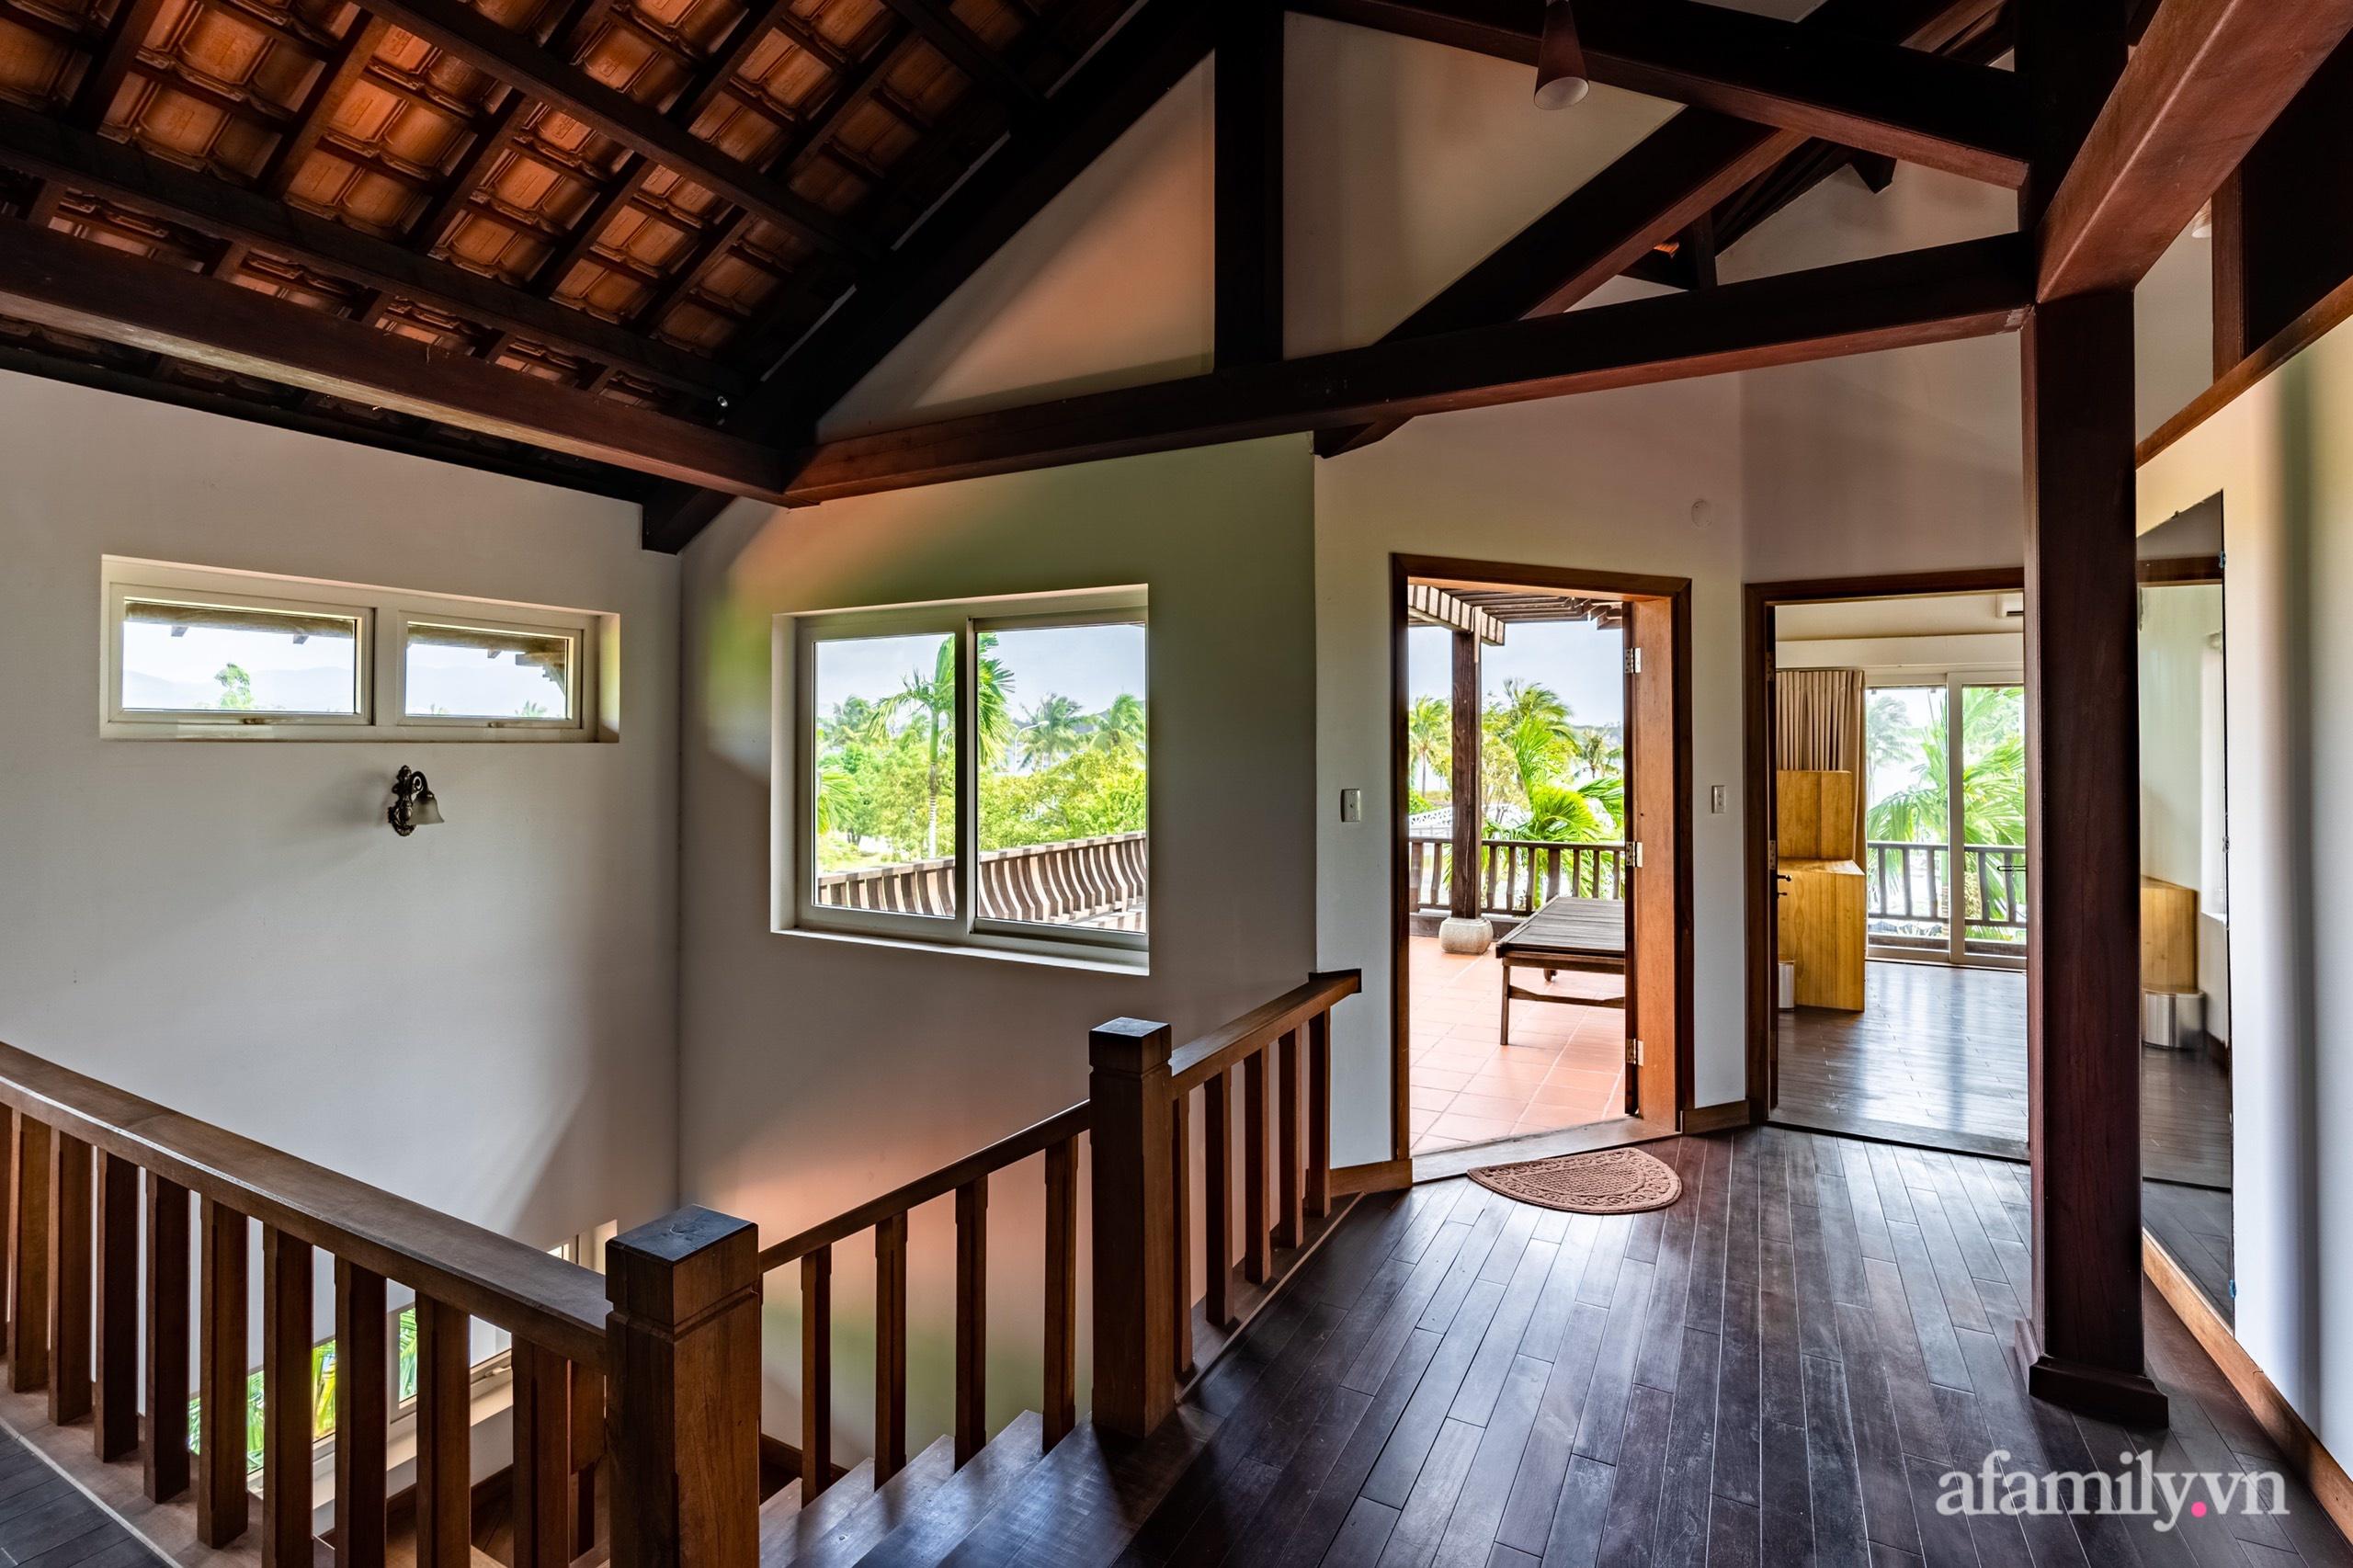 Căn nhà vườn xây 10 năm vẫn đẹp hút mắt với nội thất gỗ và cây xanh quanh nhà ở Nha Trang-19